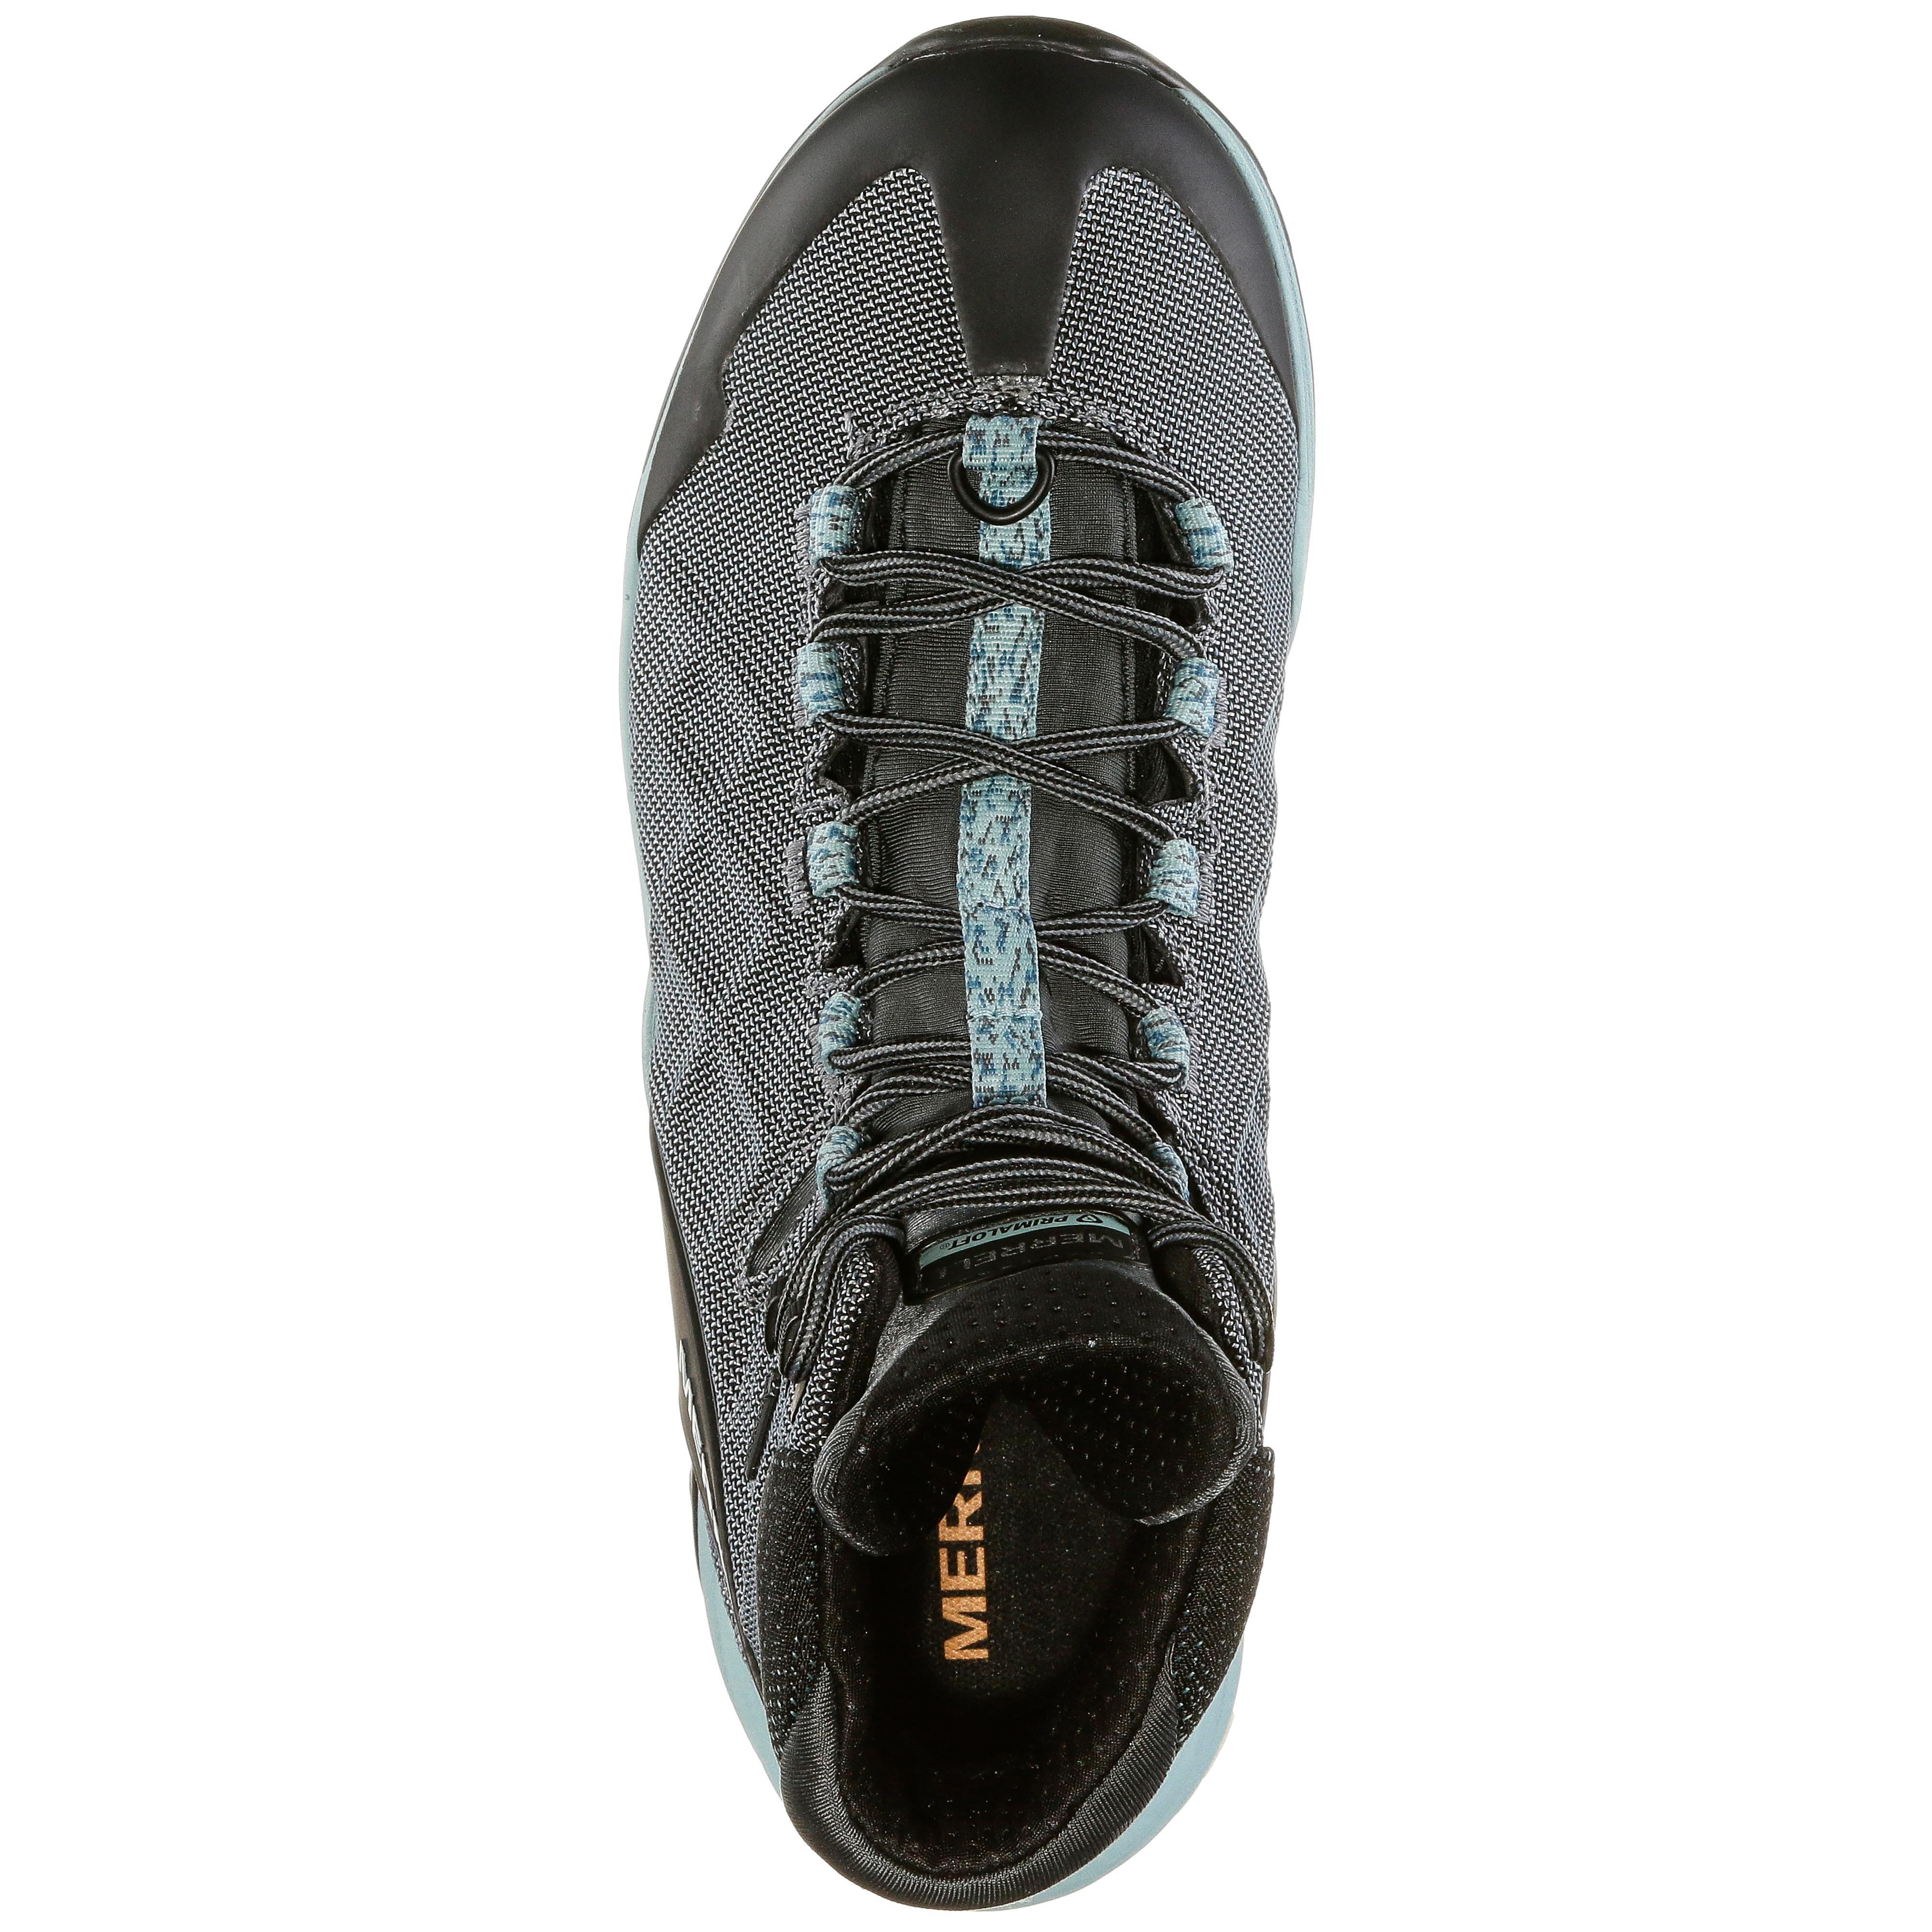 Merrell Thermo Thermo Thermo Rogue 6 GTX Winterschuhe Damen ice castle im Online Shop von SportScheck kaufen Gute Qualität beliebte Schuhe 85dbf6